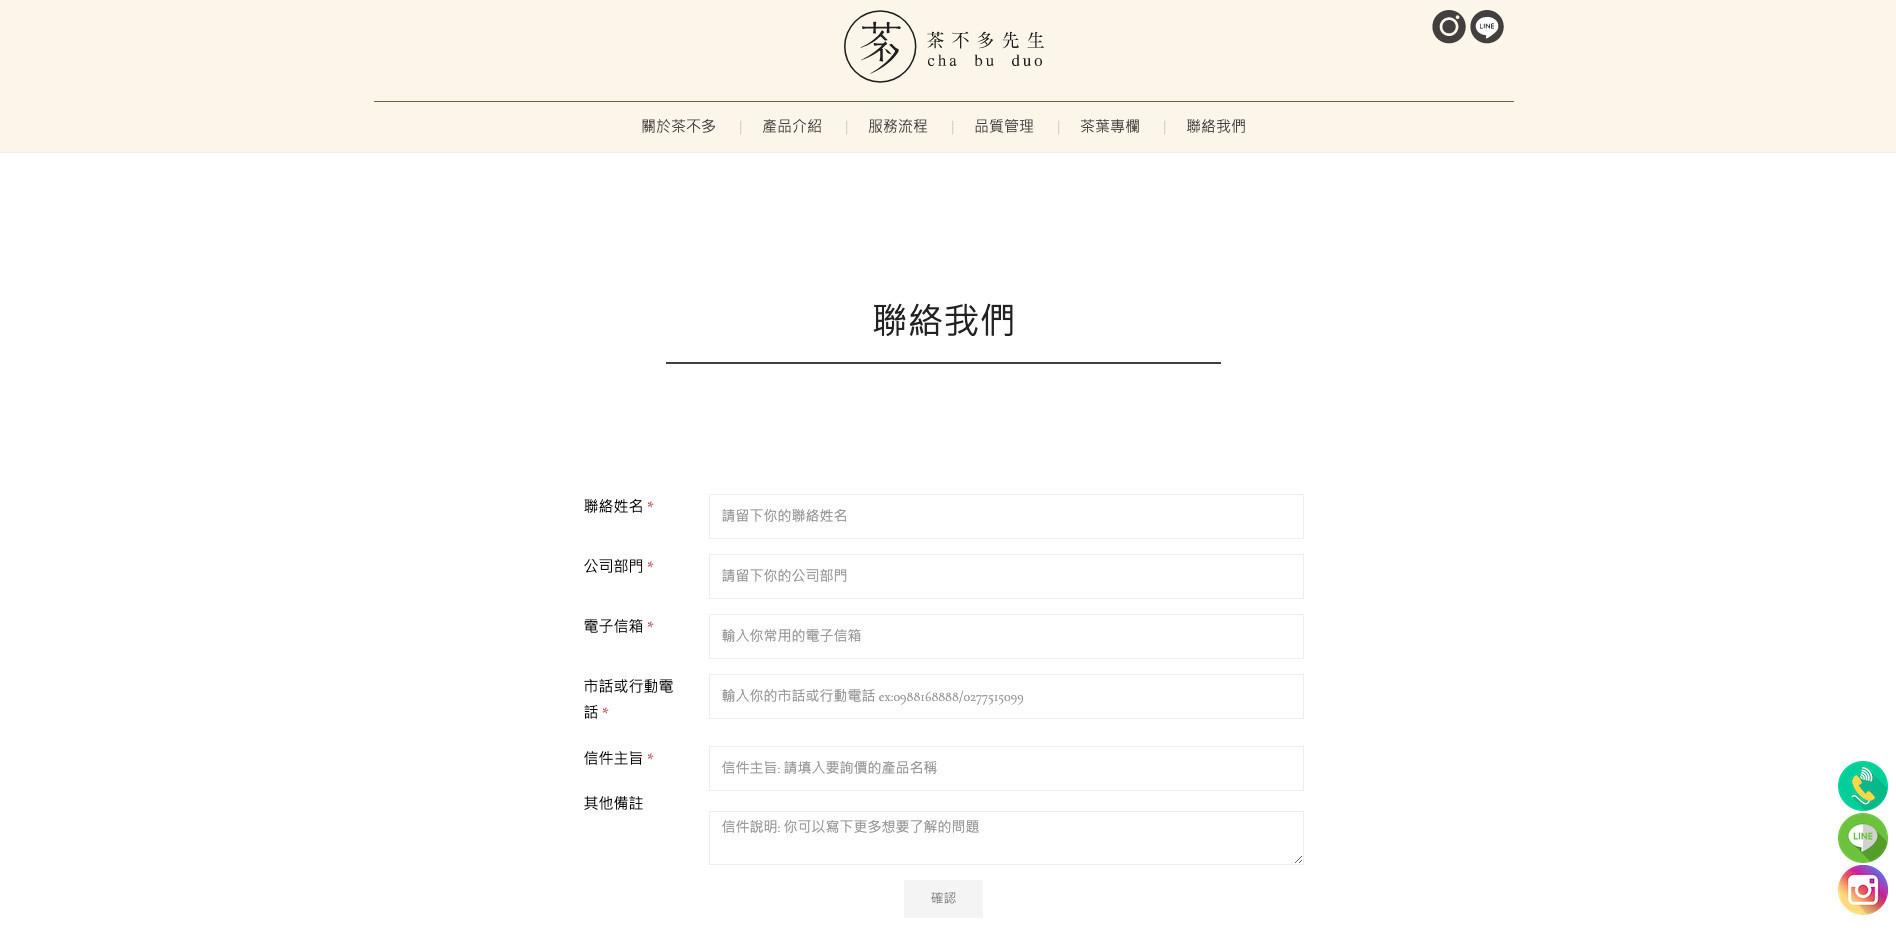 茶不多先生客製化網站設計聯絡我們-鯊客科技SEO優化網站設計公司